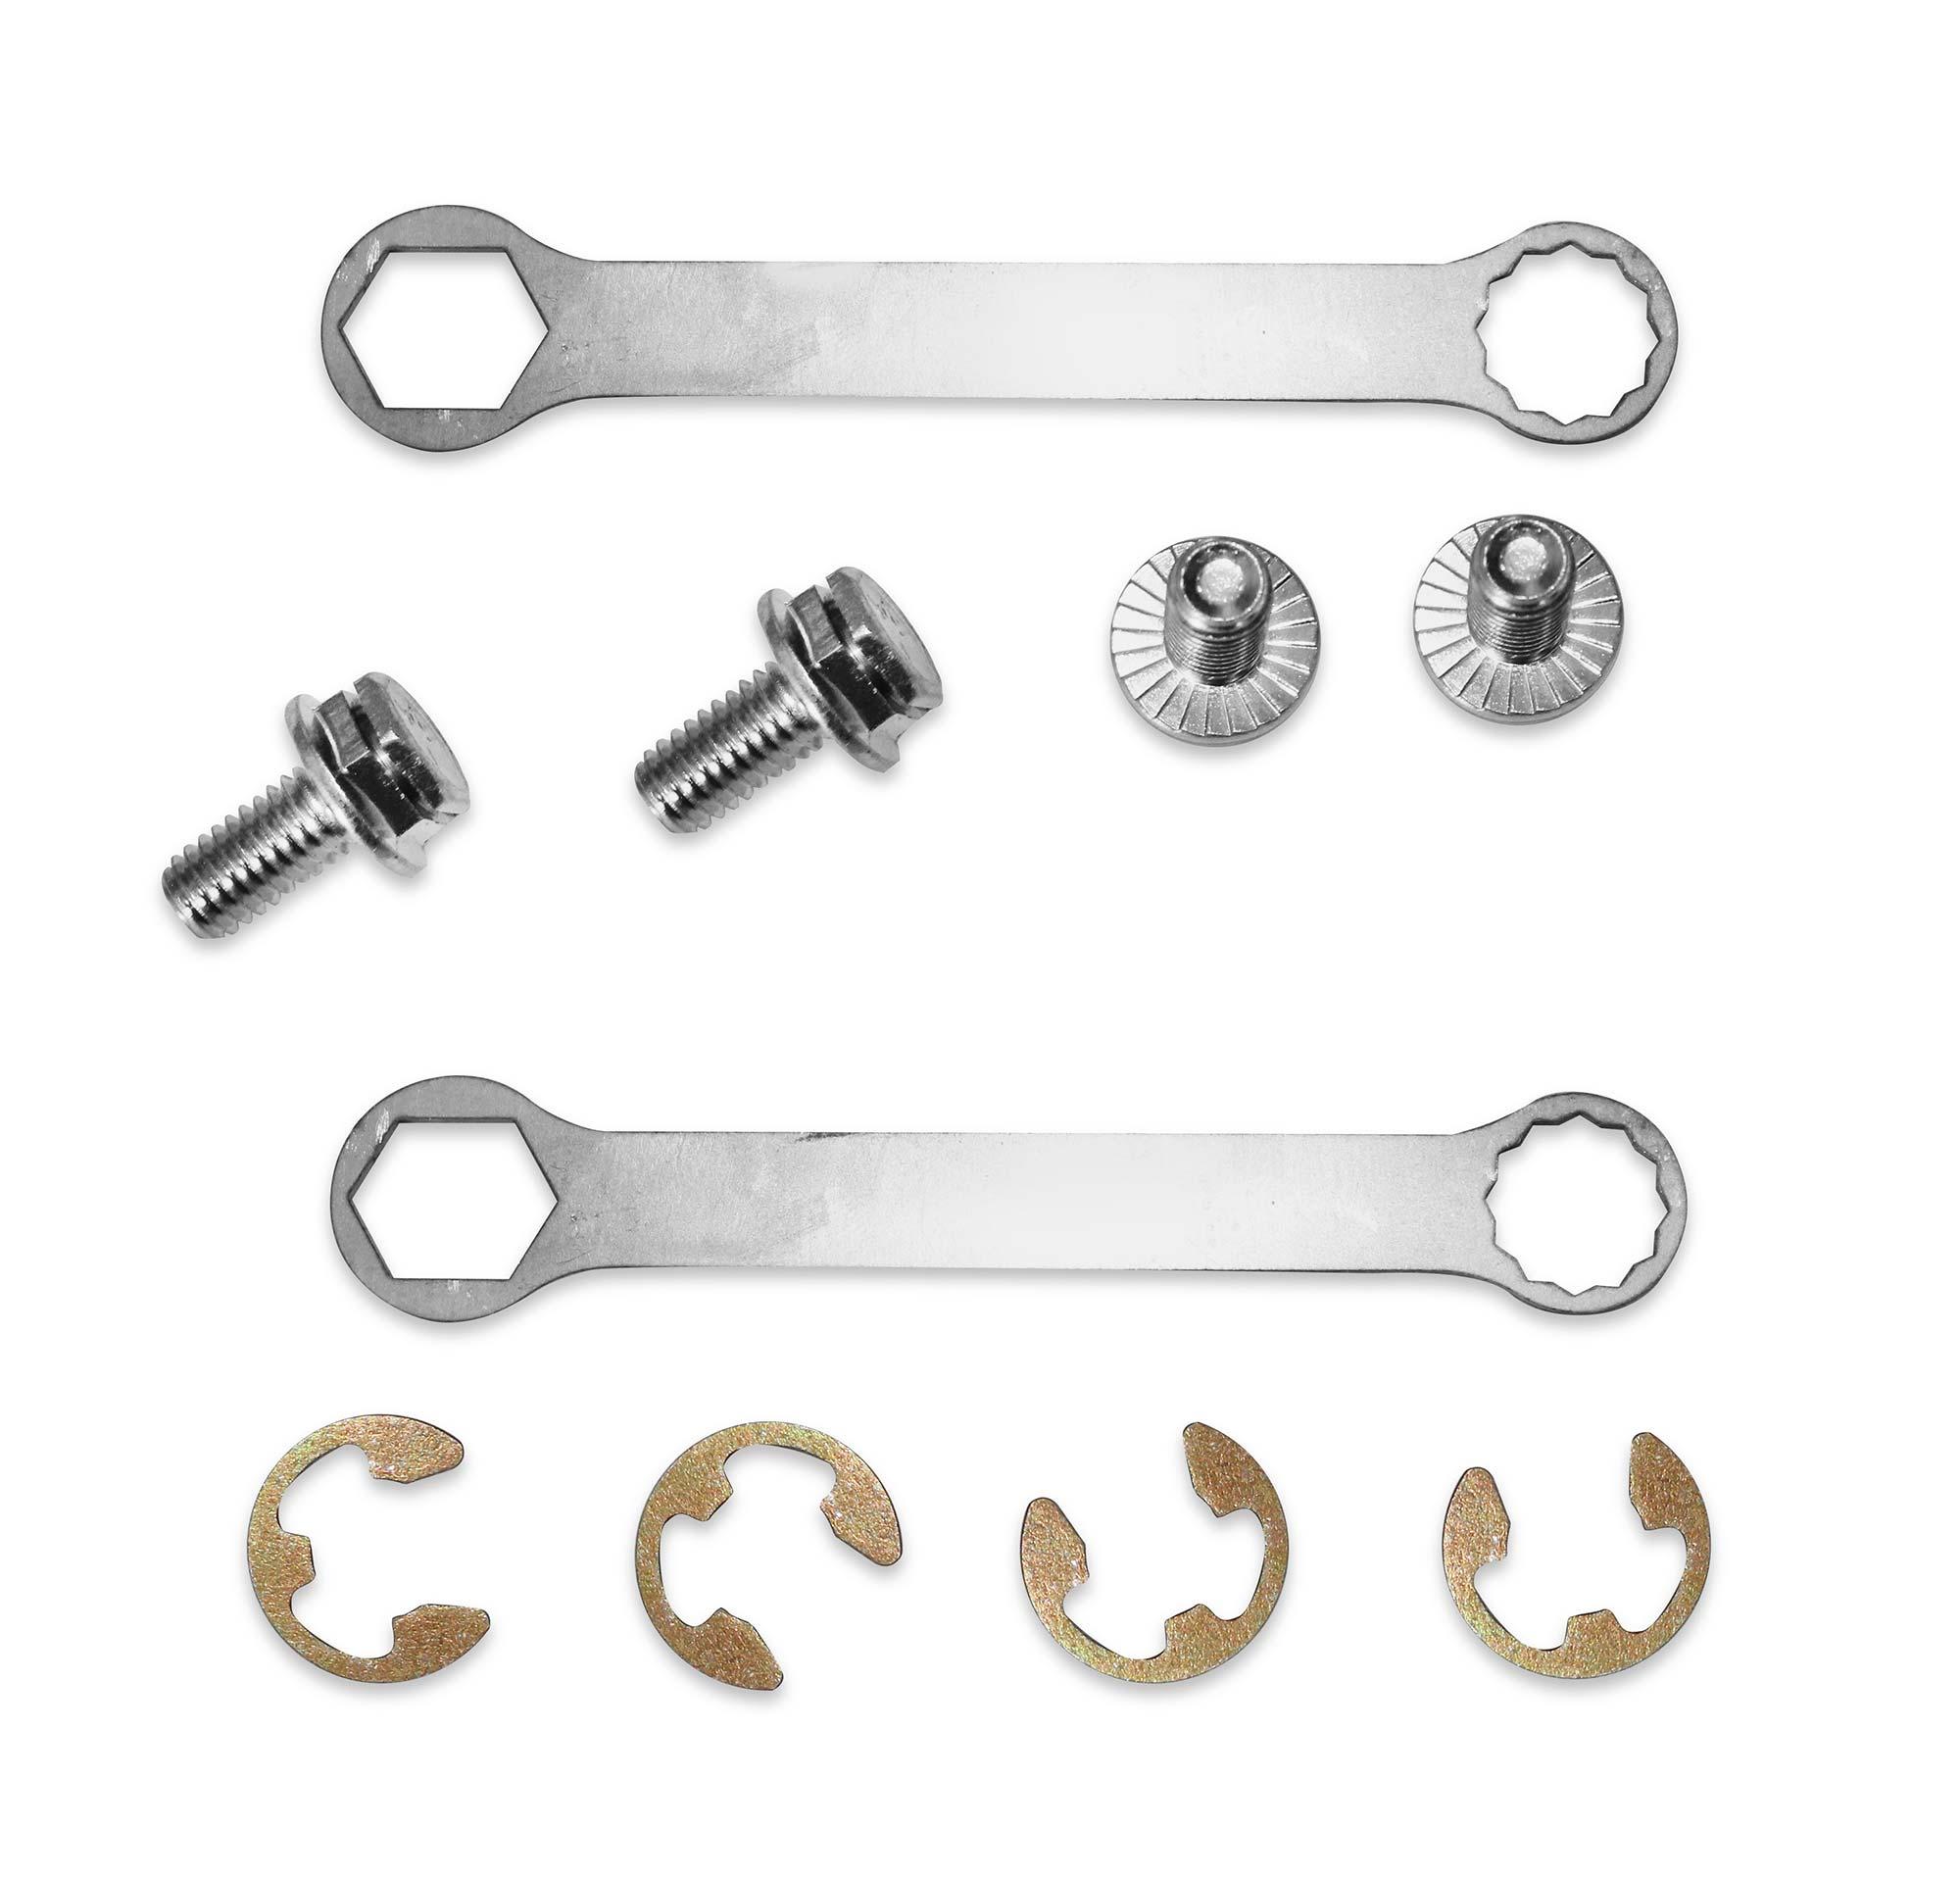 ABRV101 RV Slideout Motor Locking Fastener Kit